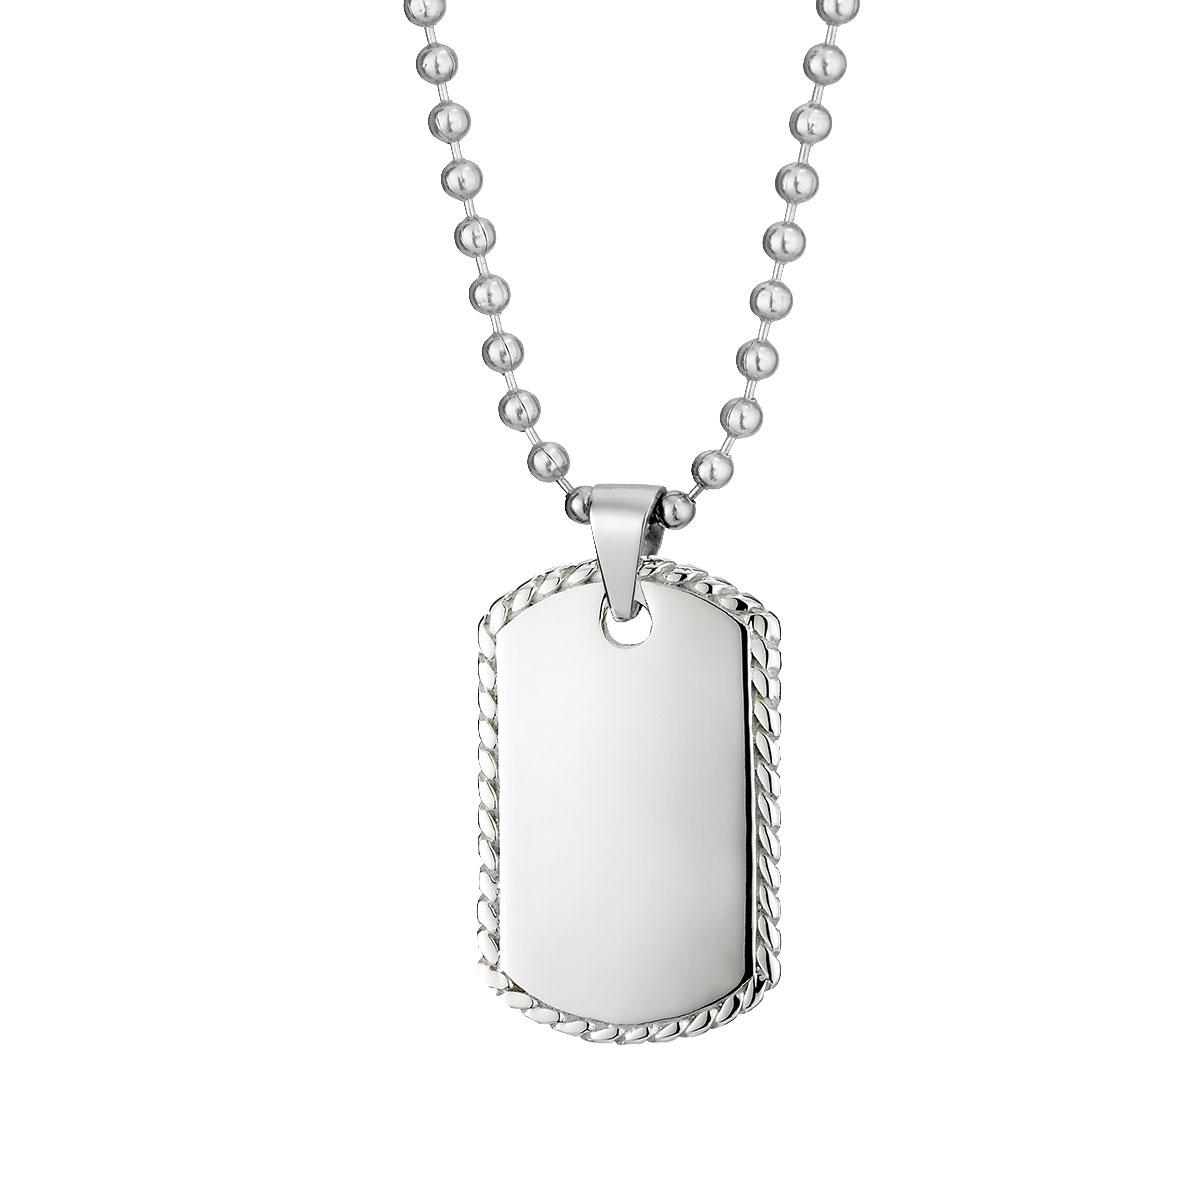 AE78 美國軍牌勇敢經典刻字項鍊